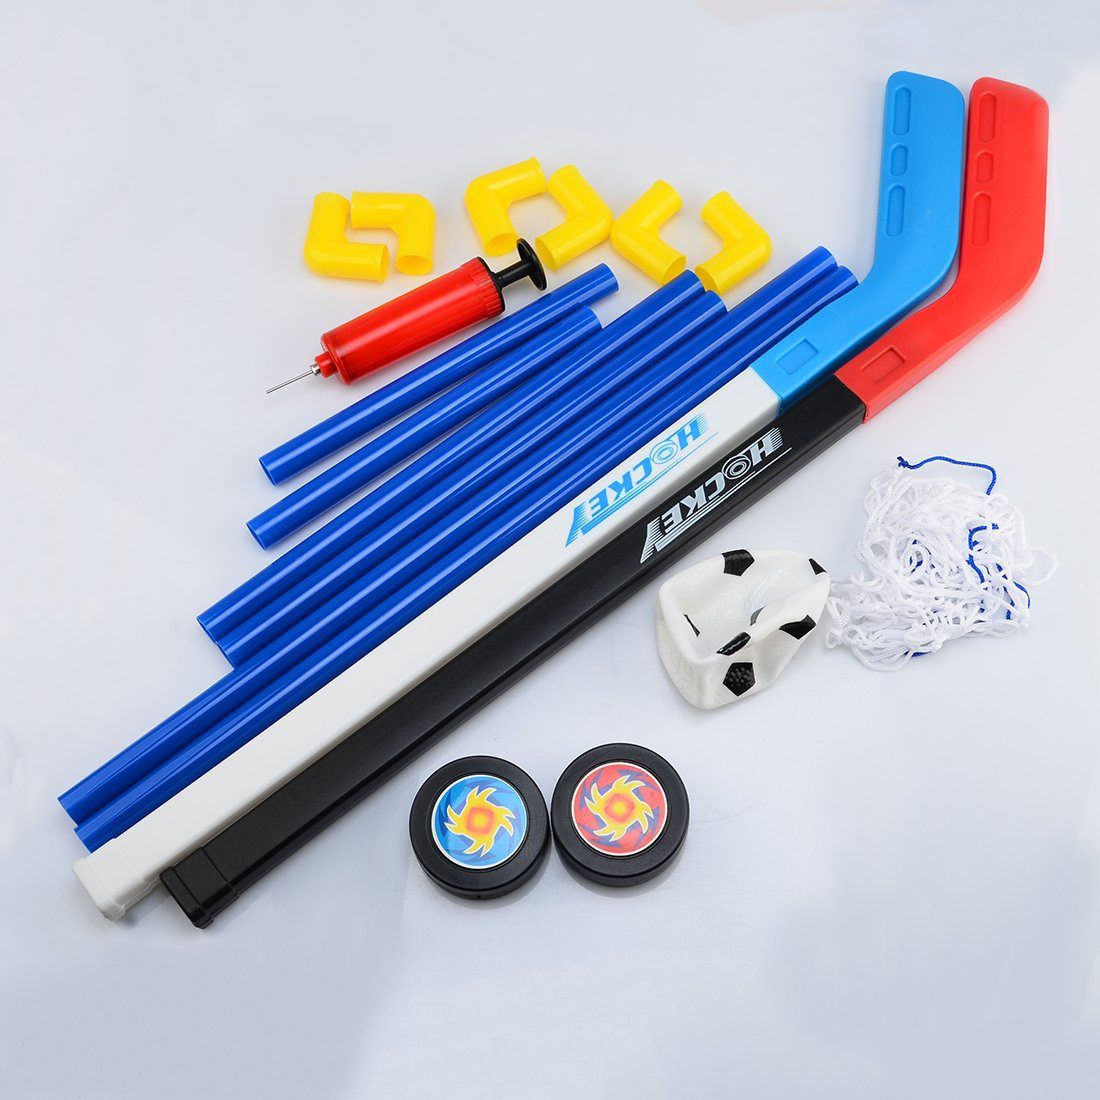 hockey sobre hielo y hockey sobre hielo Stick fokom Ni/ños F/útbol Parte porter/ía de hockey sobre hielo porter/ía de f/útbol Juego de 1/porter/ía con f/útbol Bomba